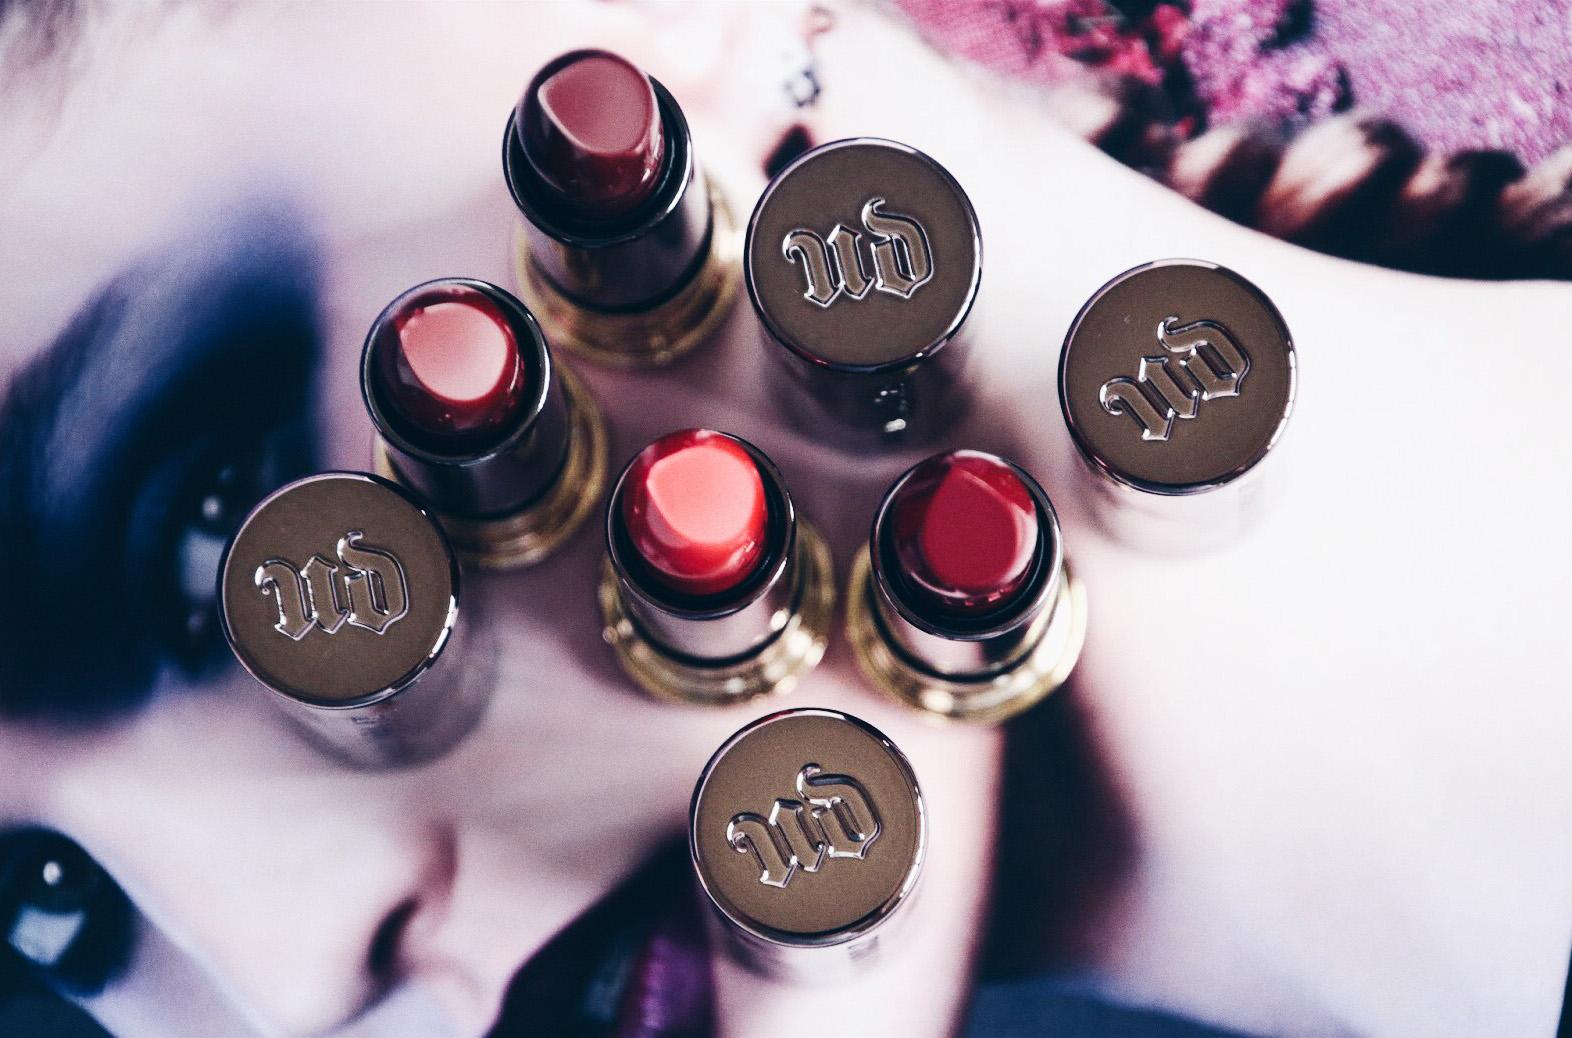 urban decay ud vice lipstick nouveau rouge à lèvres avis tesy swatches